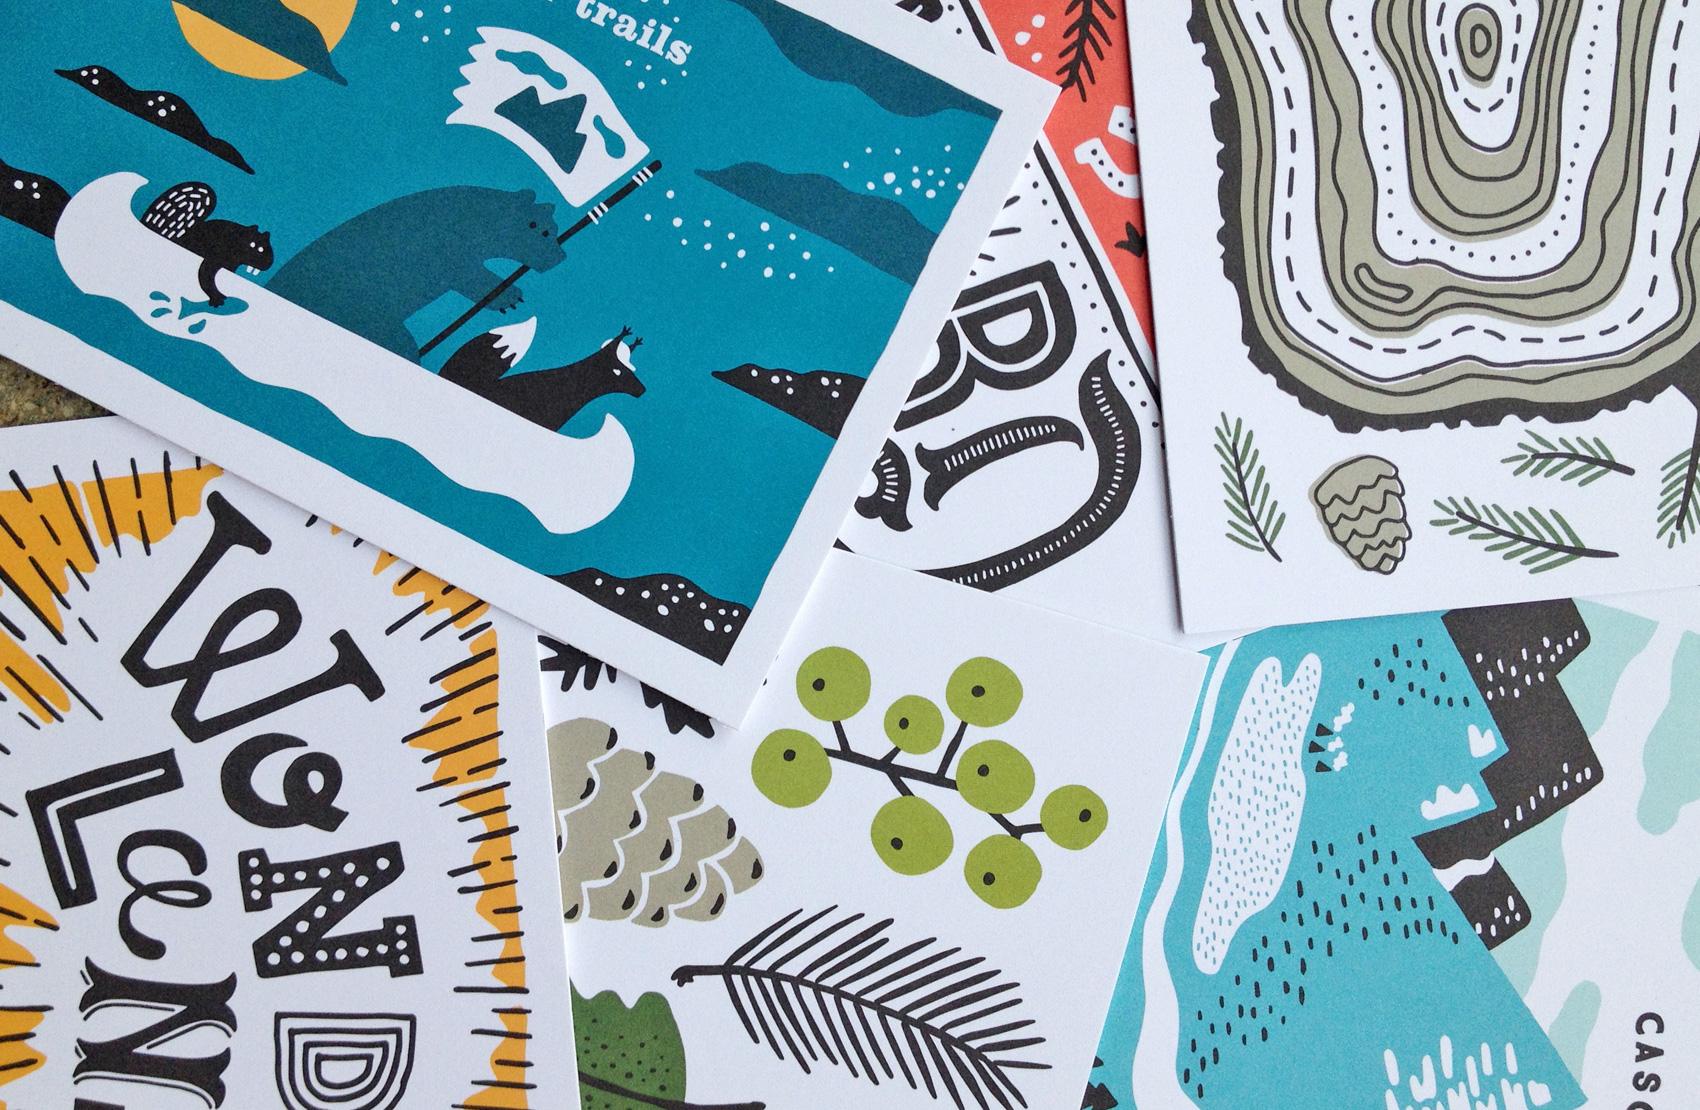 series of postcards for Umpqua Bank